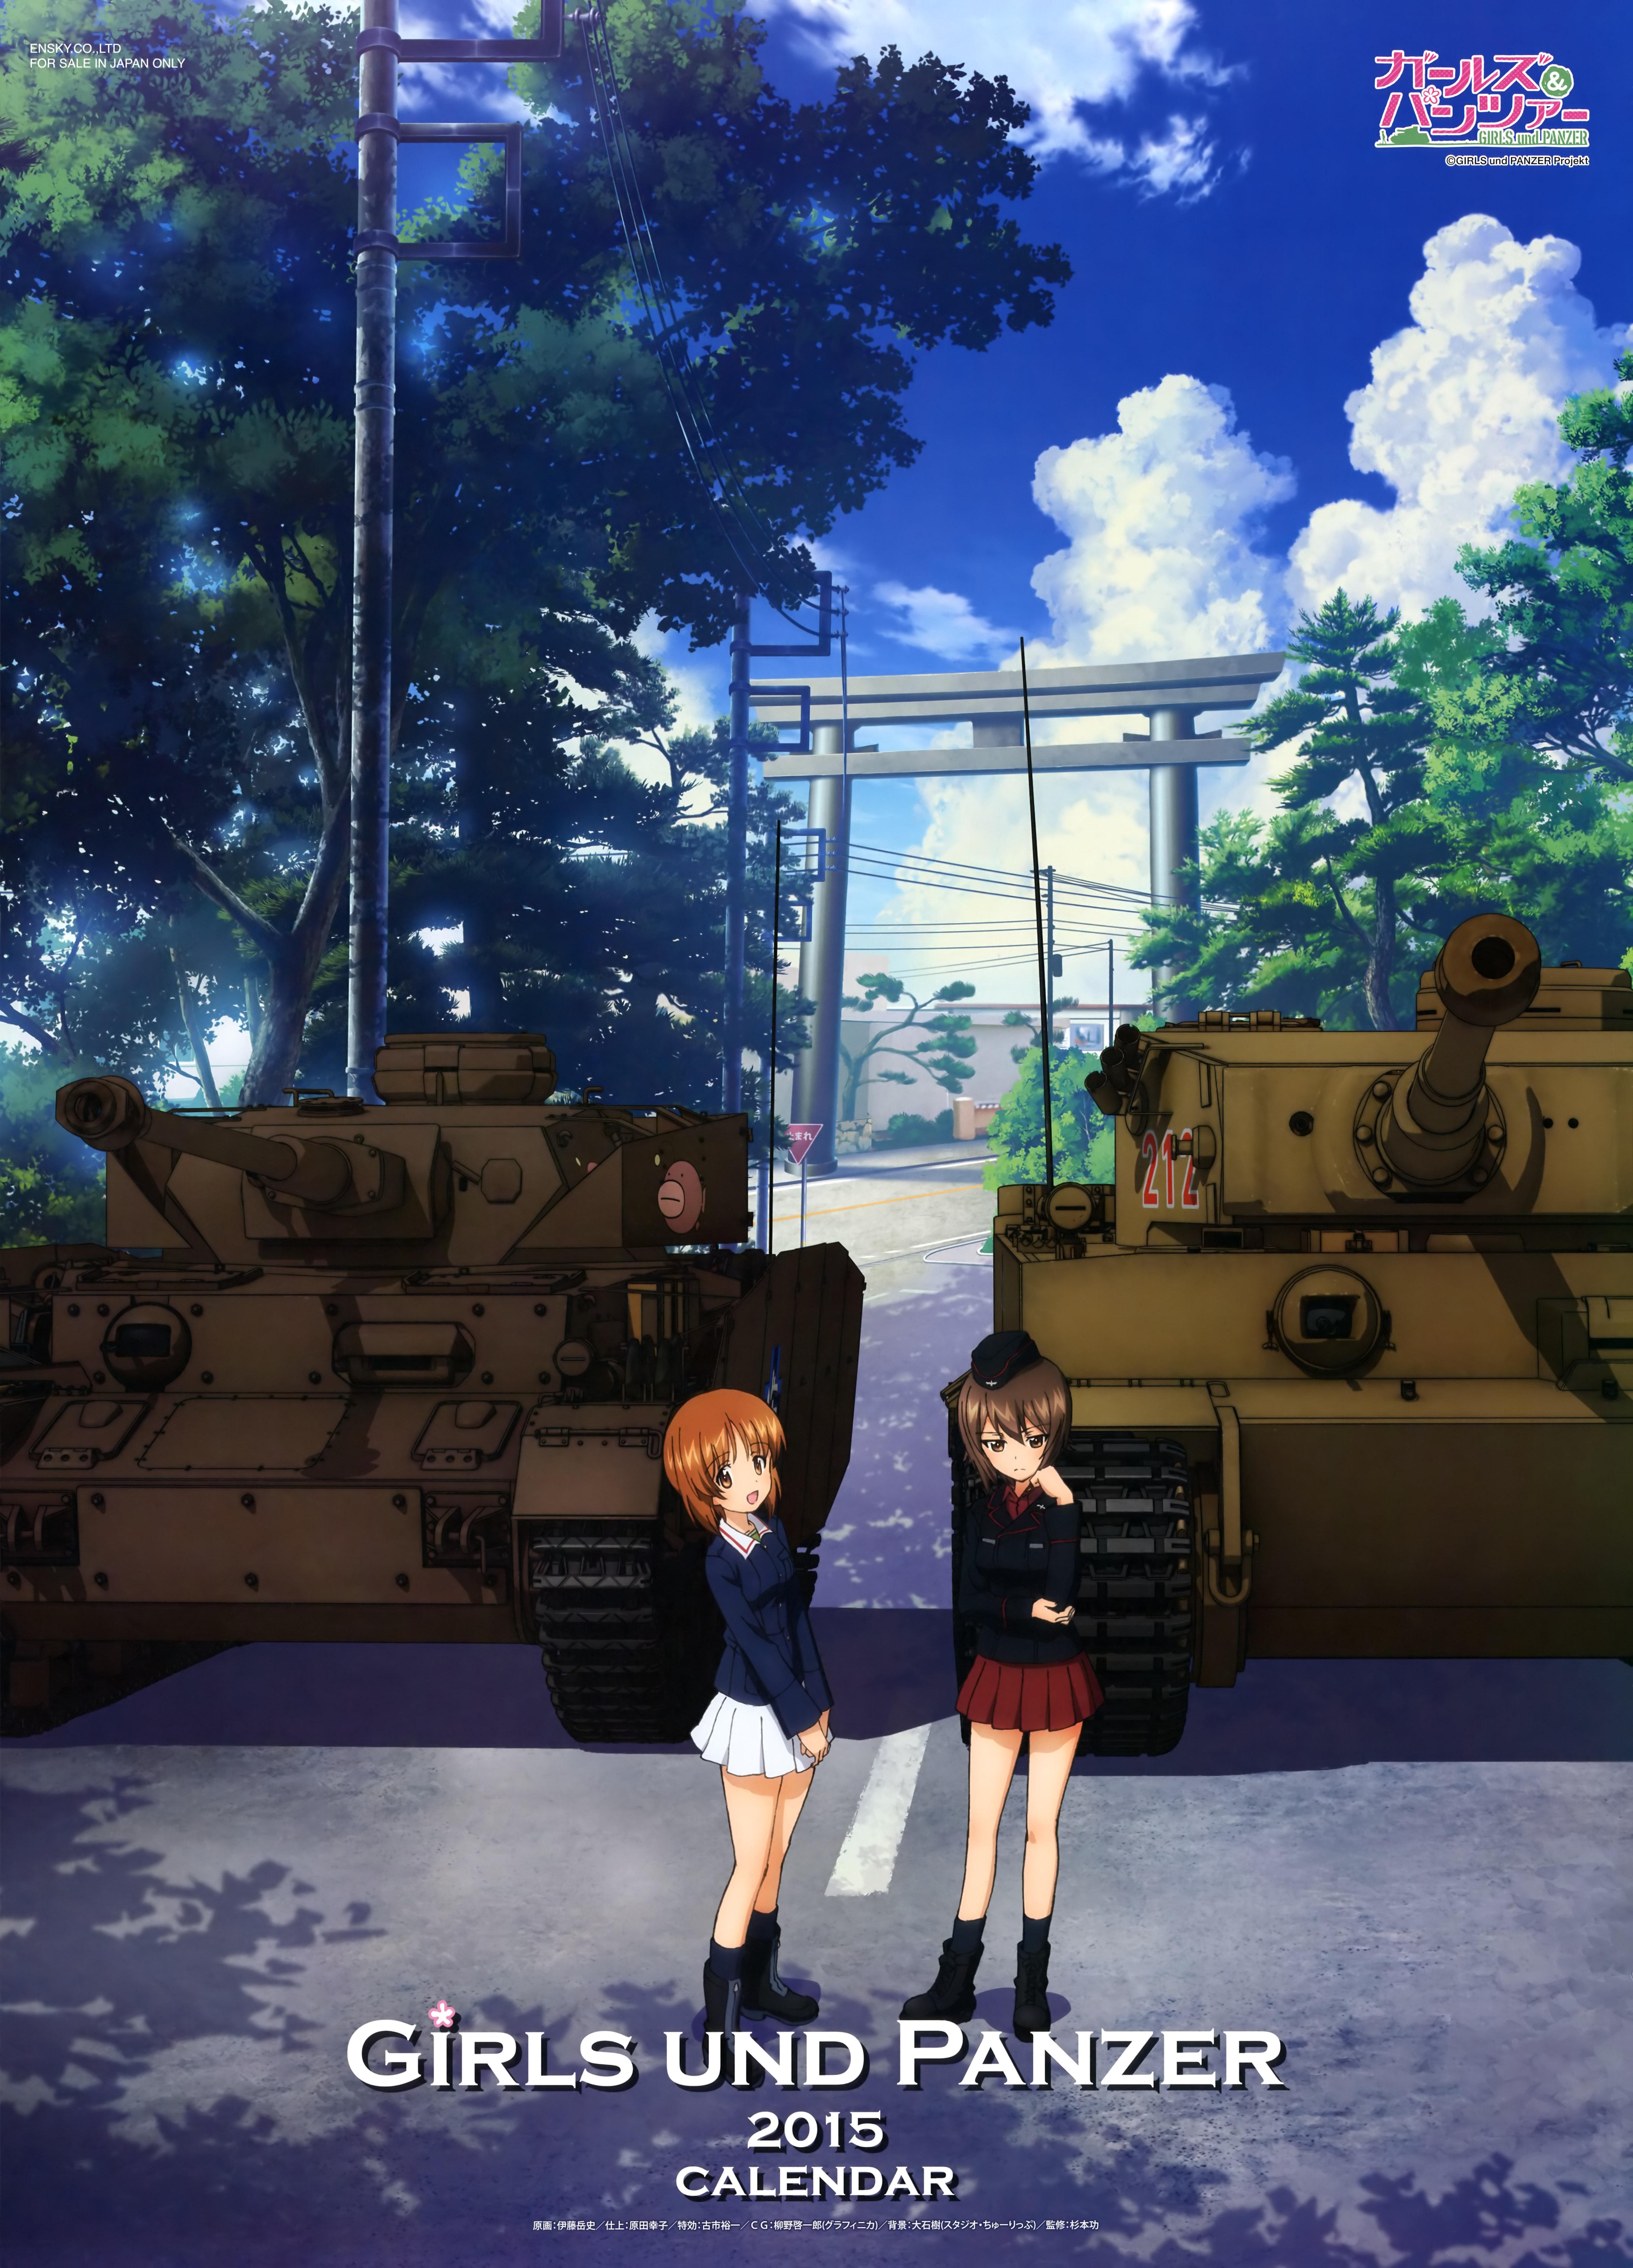 Girls und Panzer 2015 Calendar Previewed Haruhichan.com Gurapan calendar 1